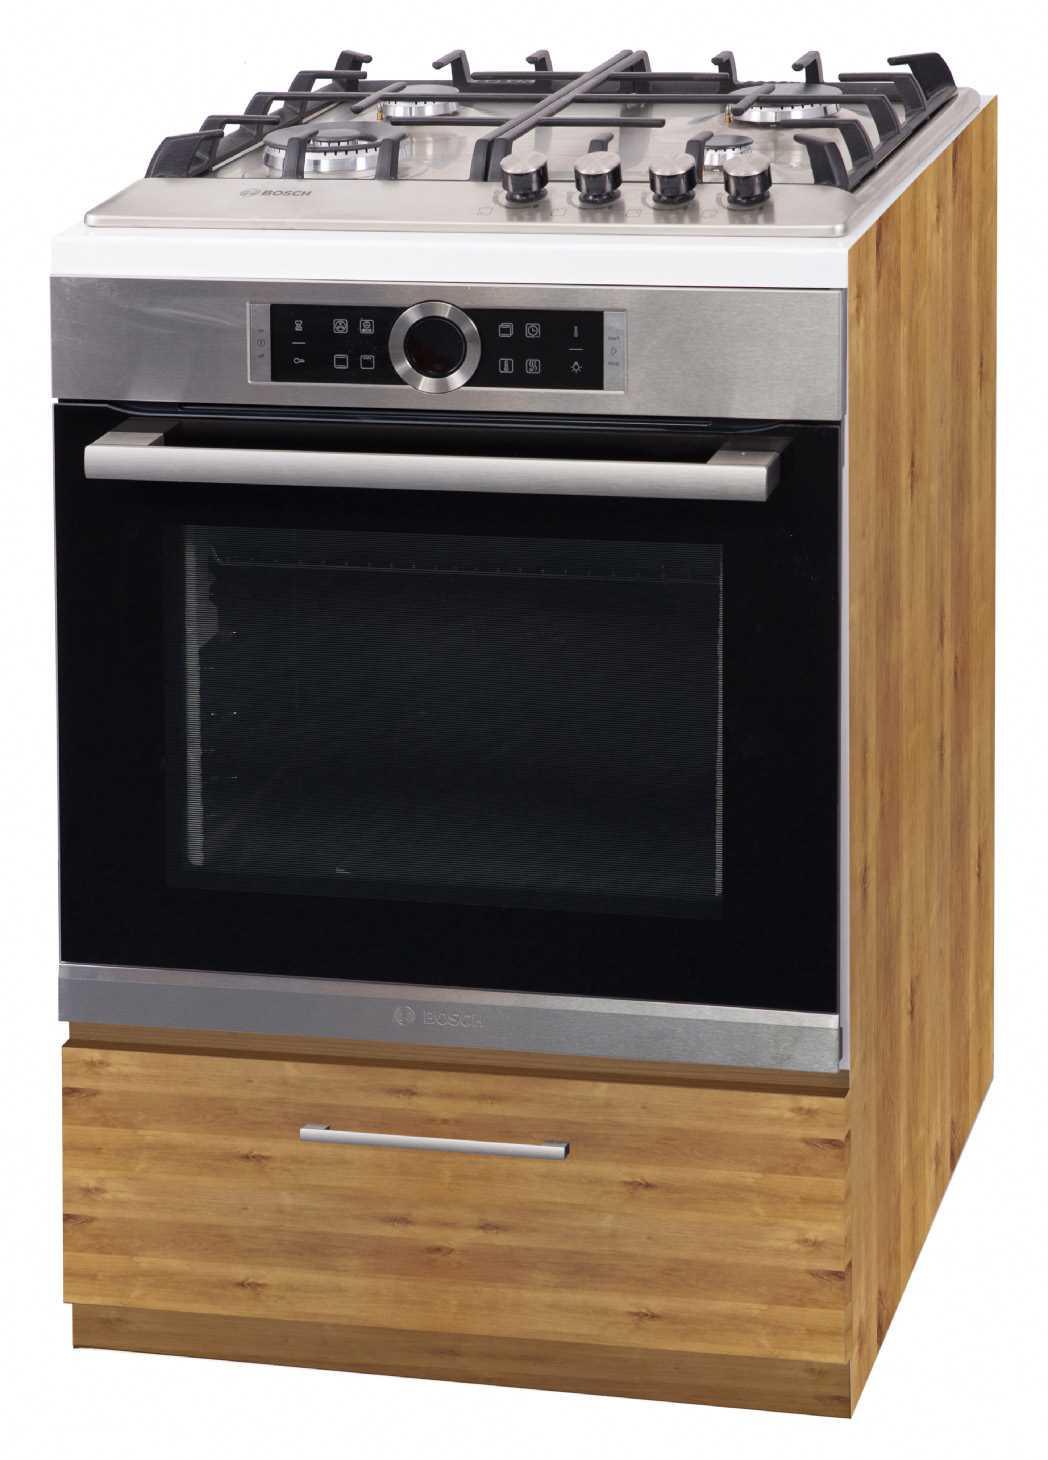 ארונית בסיסית גוון שיטה 774 לתנור וכיריים בילט אין מתוצרת אביעם